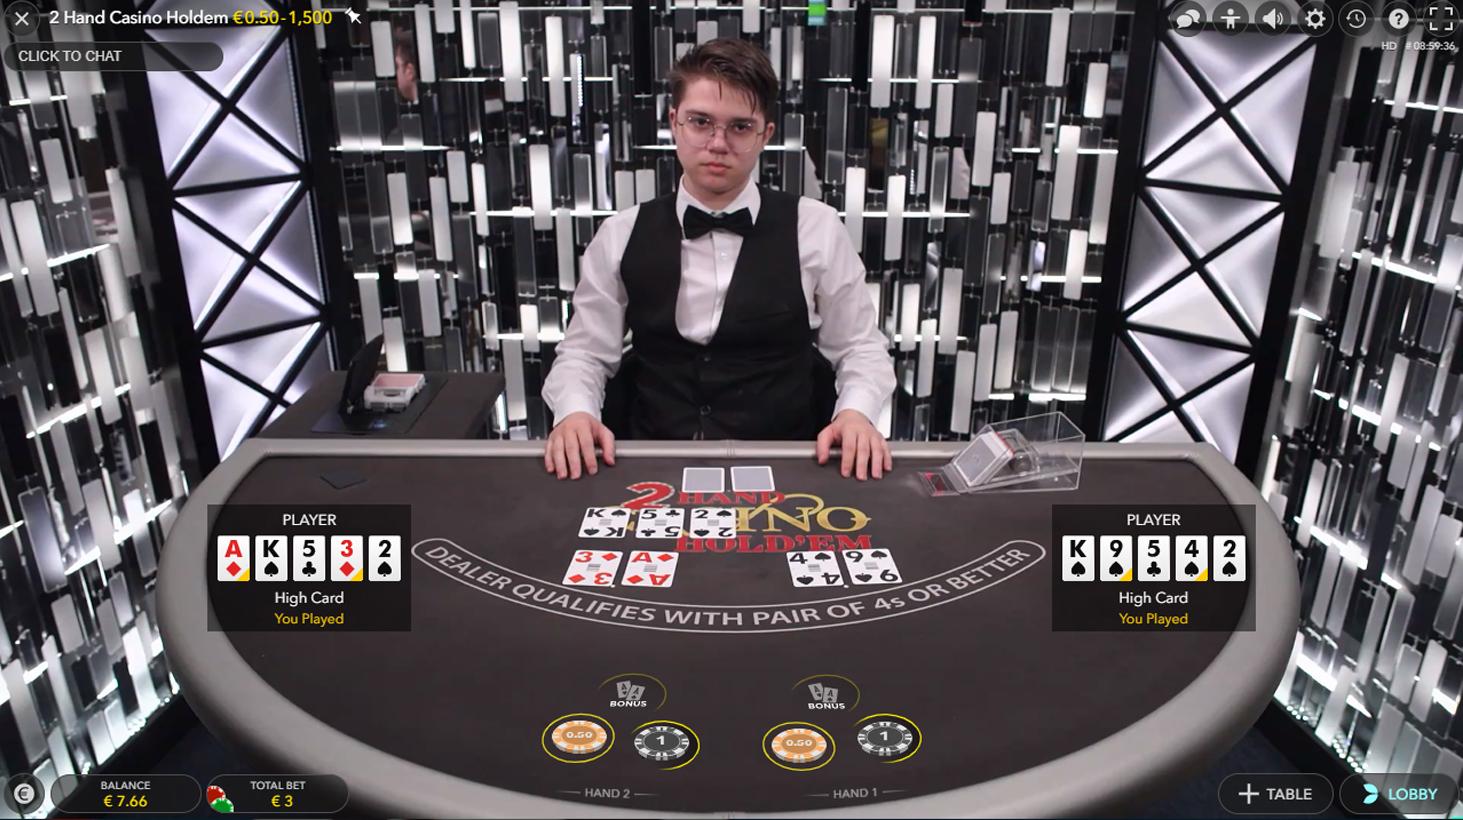 2 Hand Casino Hold'em evolution gaming